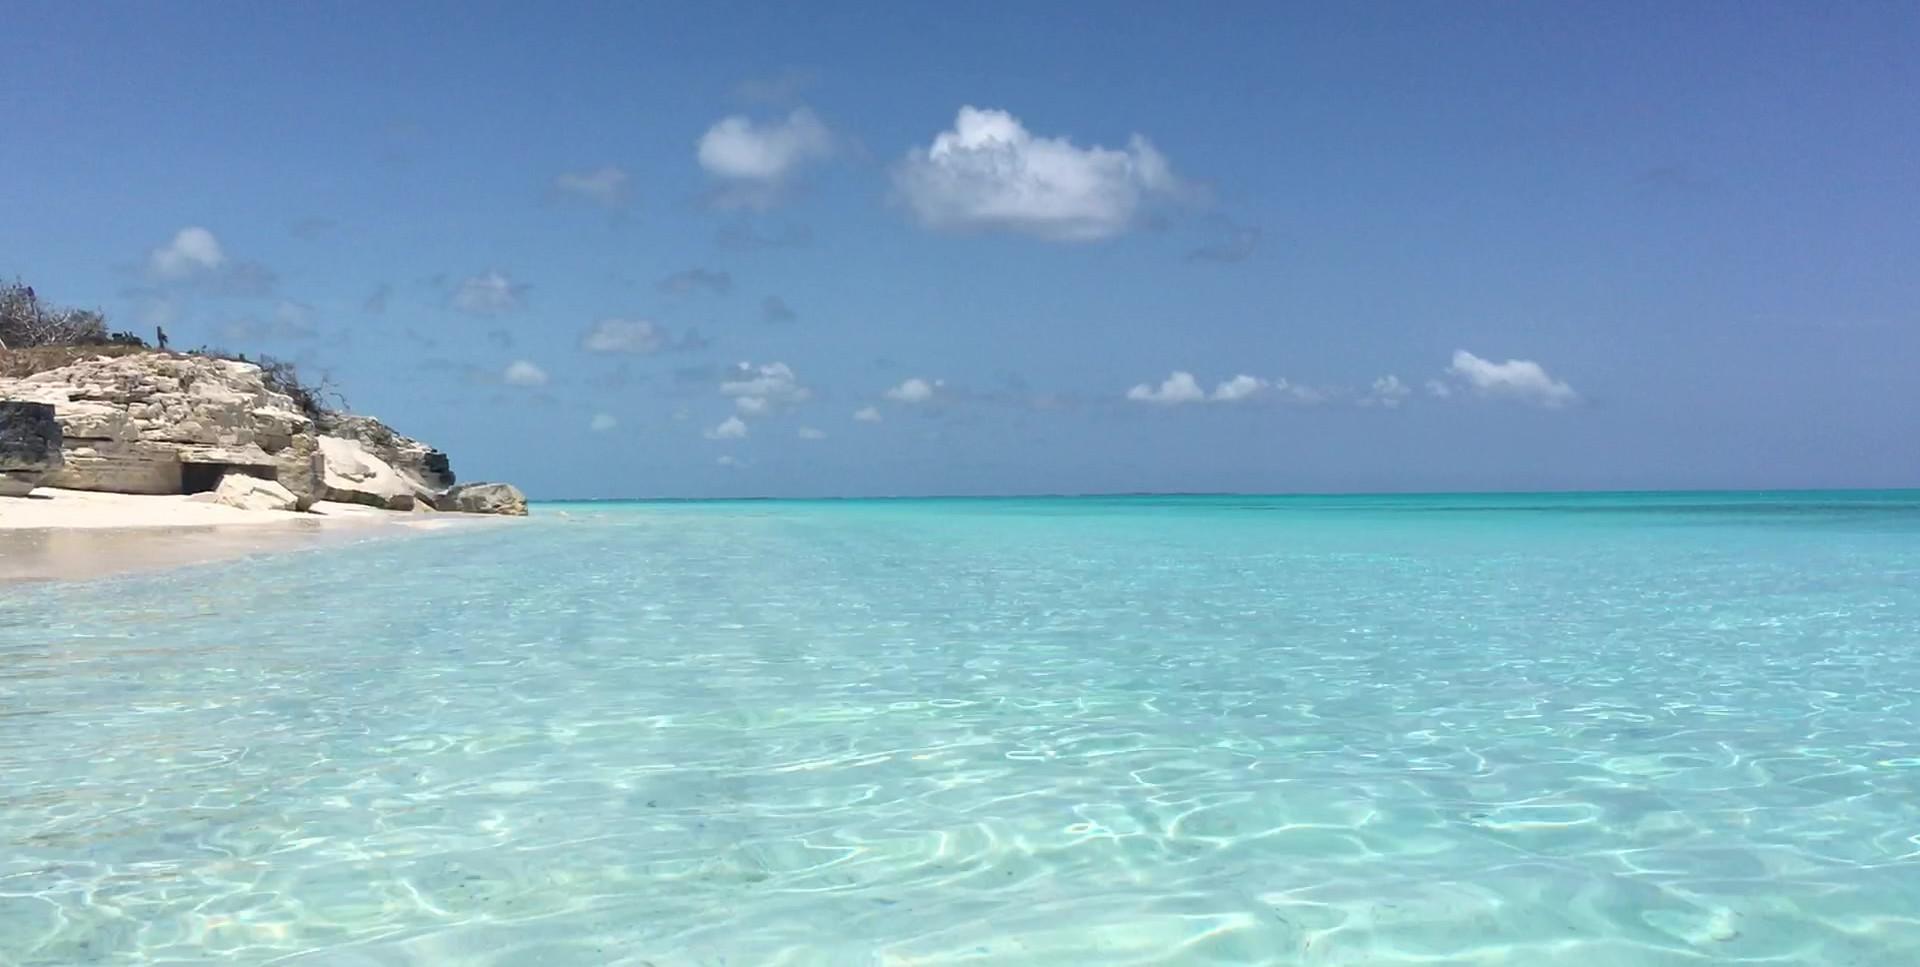 Summer Days on Caicos Cays